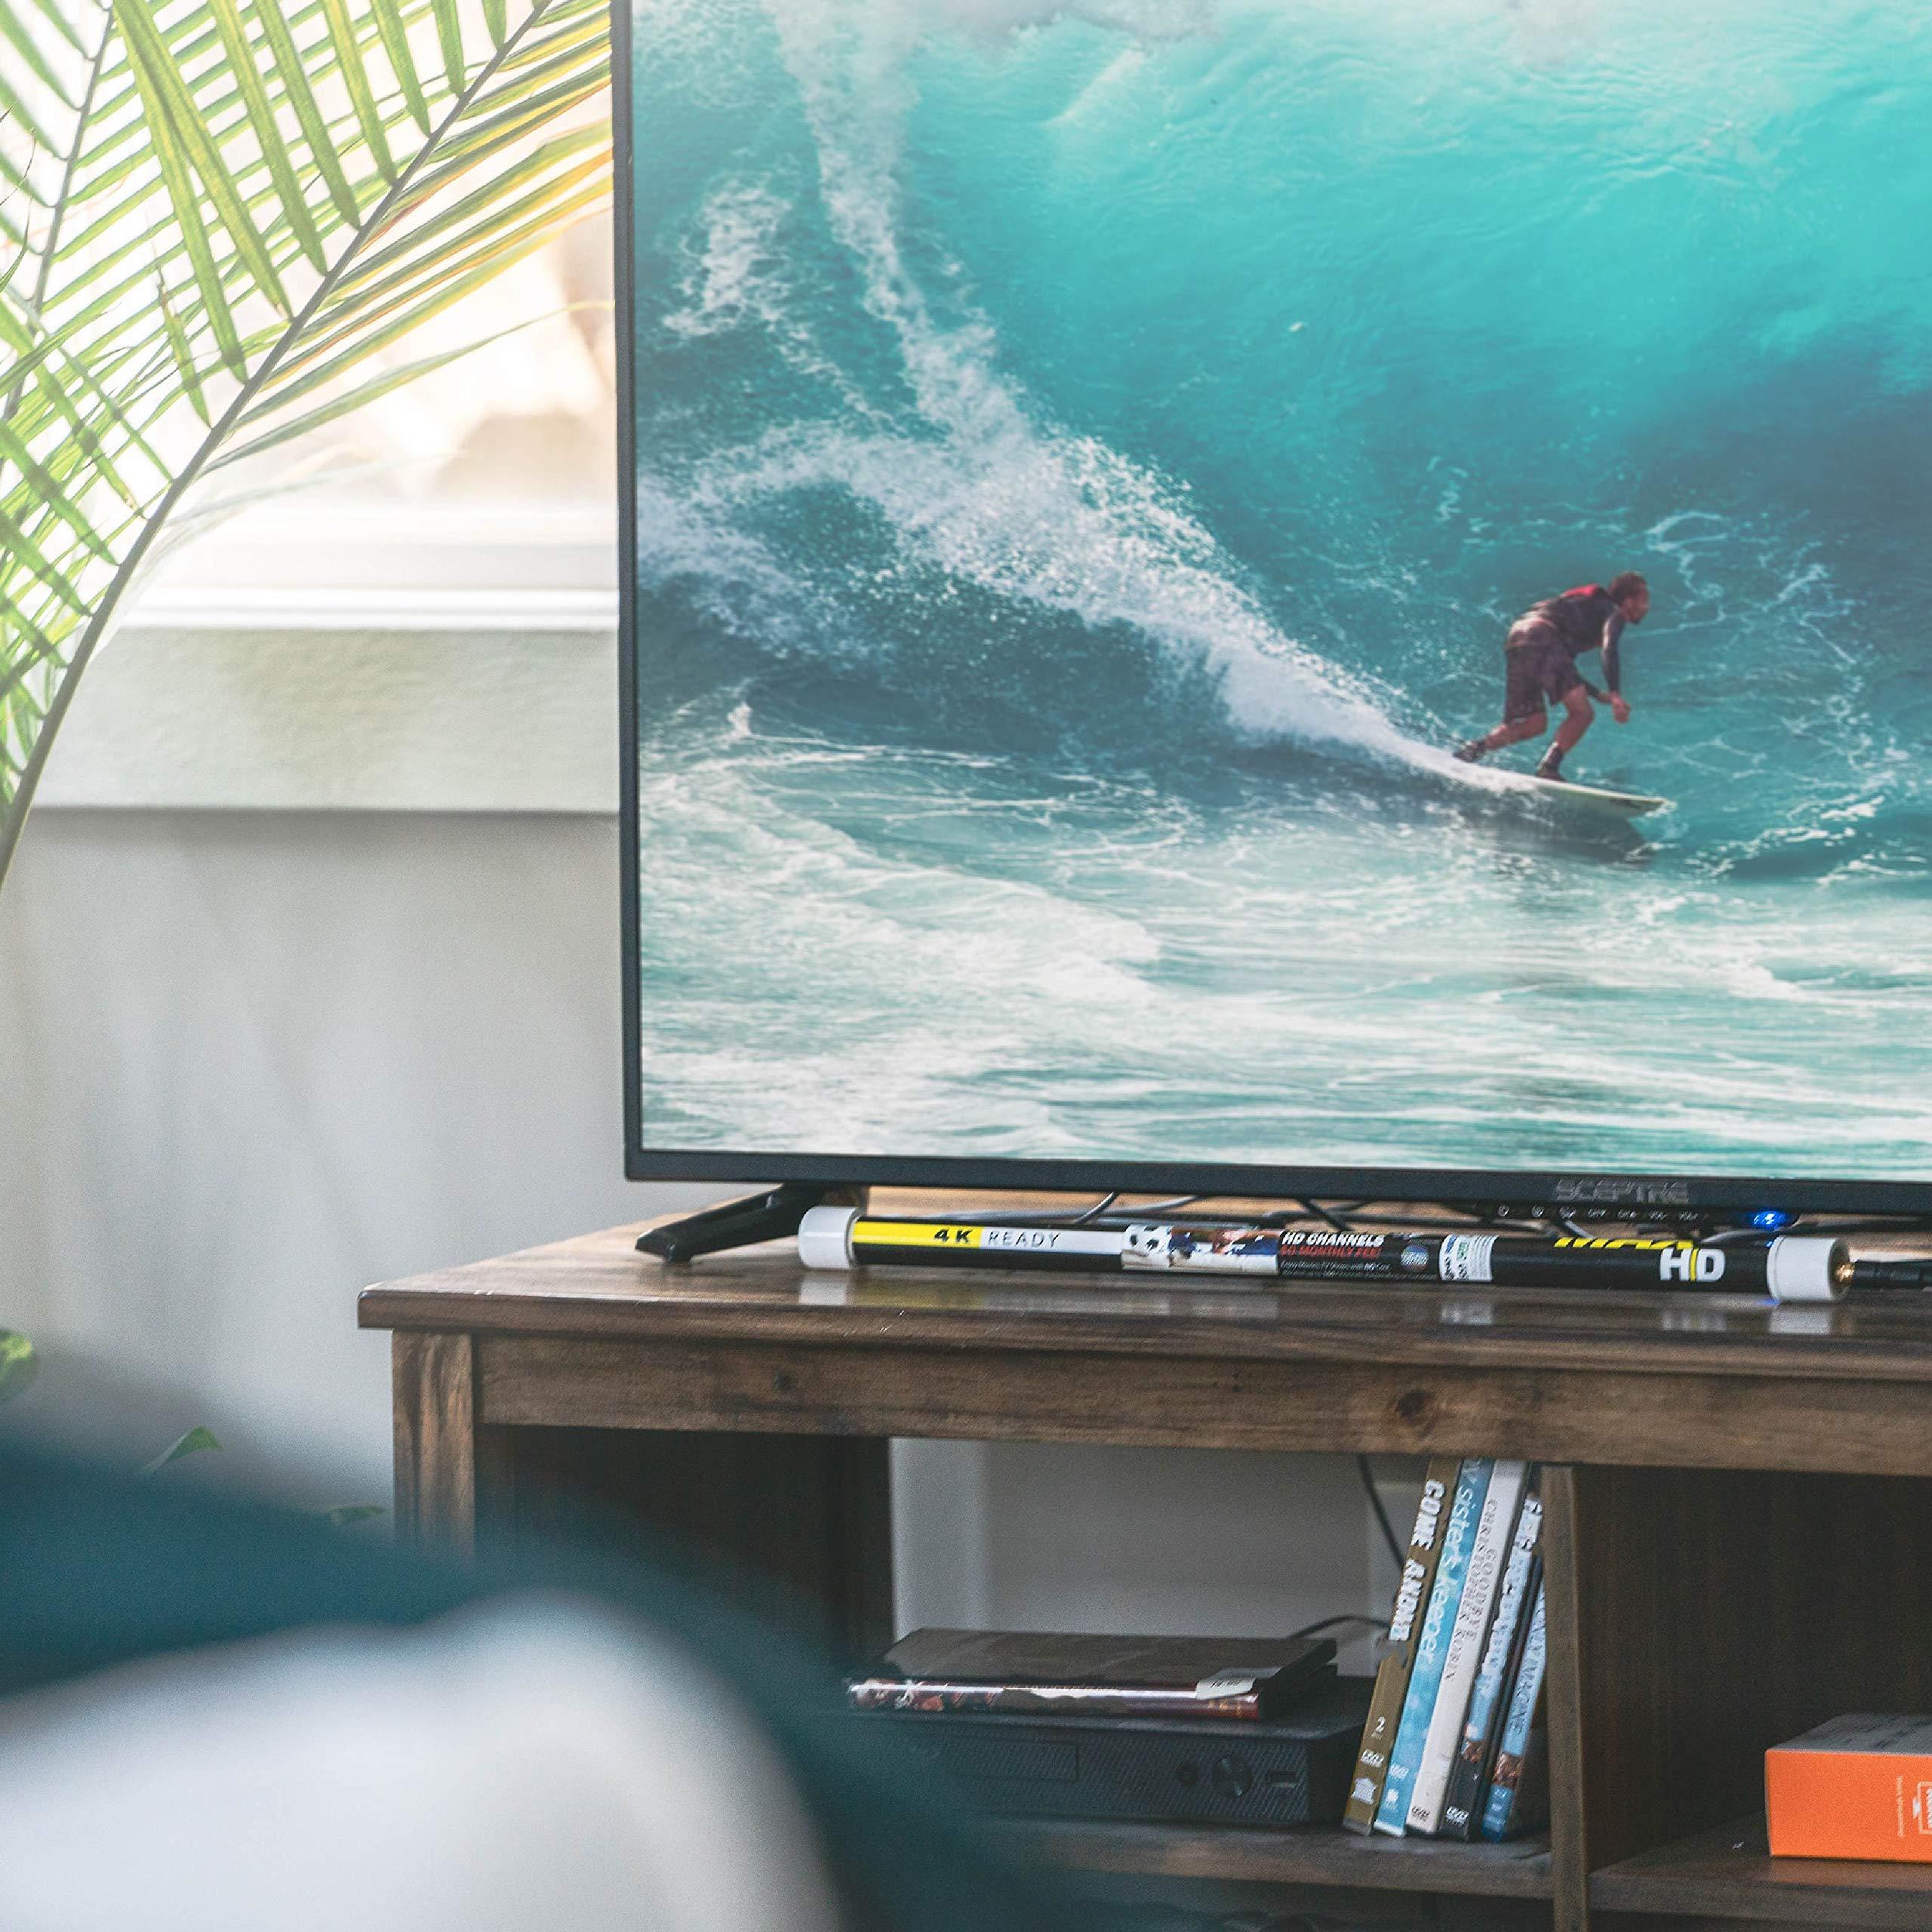 Magic Stick antena de TV – Antena de TV para interiores amplificada de hasta 60 millas de alcance – Antena mejorada de TV digital HD con amplificador de señal – Antena digital